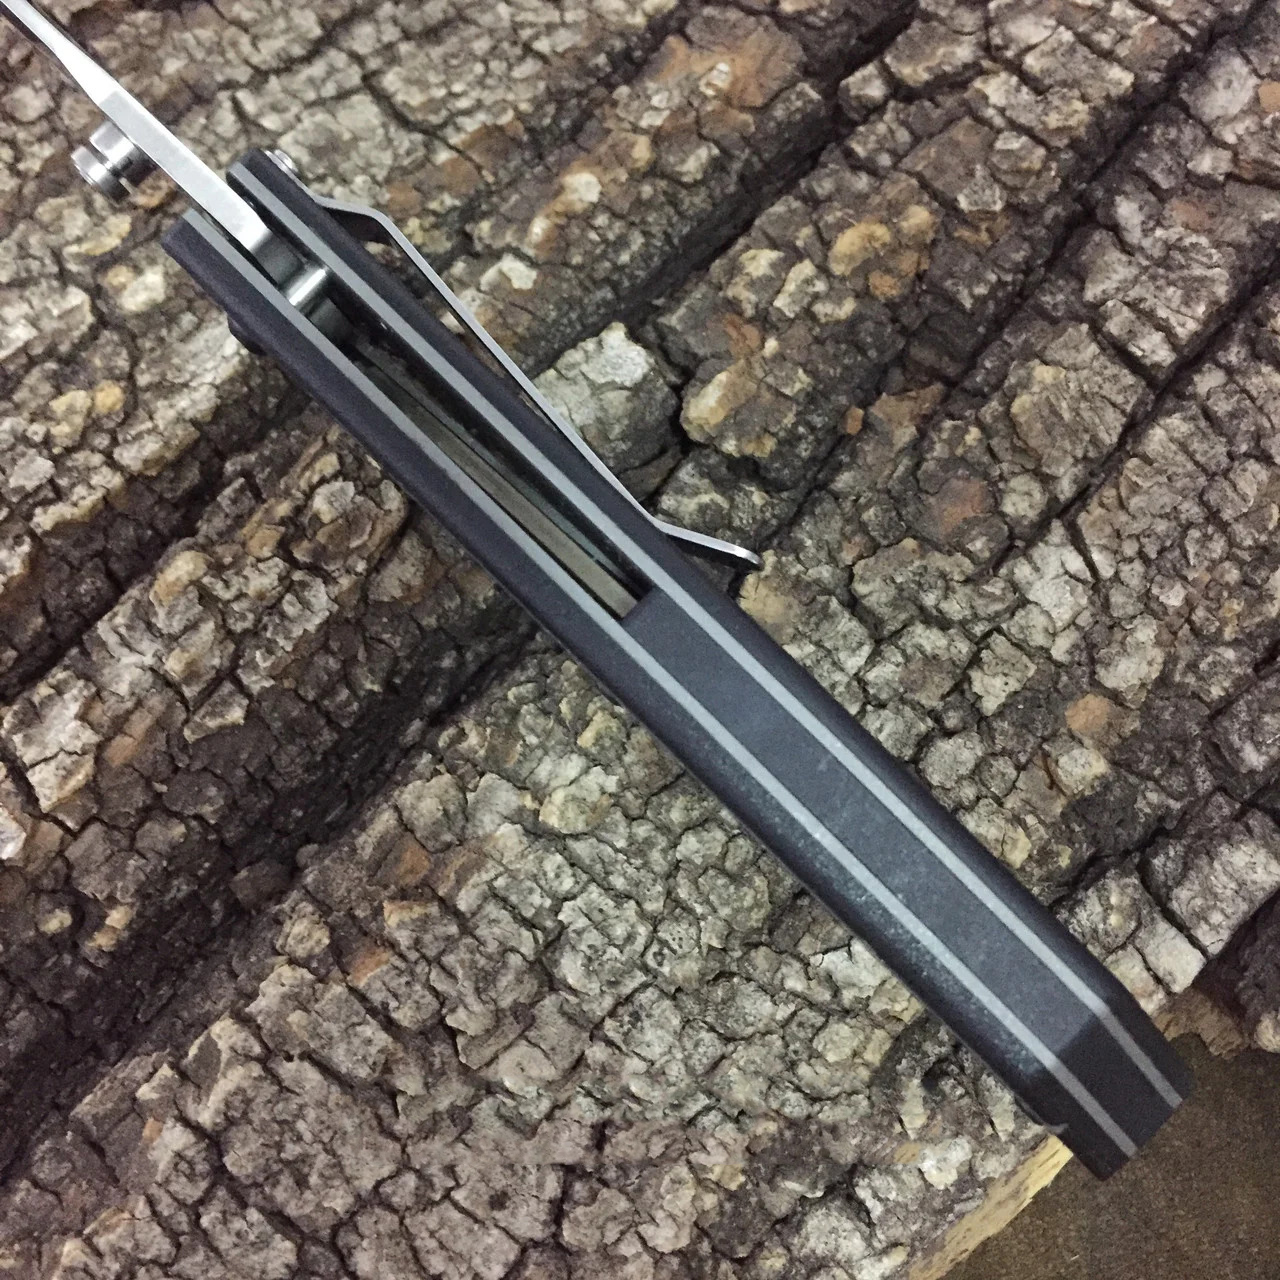 Фото 17 - Полуавтоматический складной нож Lift Off, CRKT 6830, сталь AUS-8, рукоять термопластик Zytel®/сталь